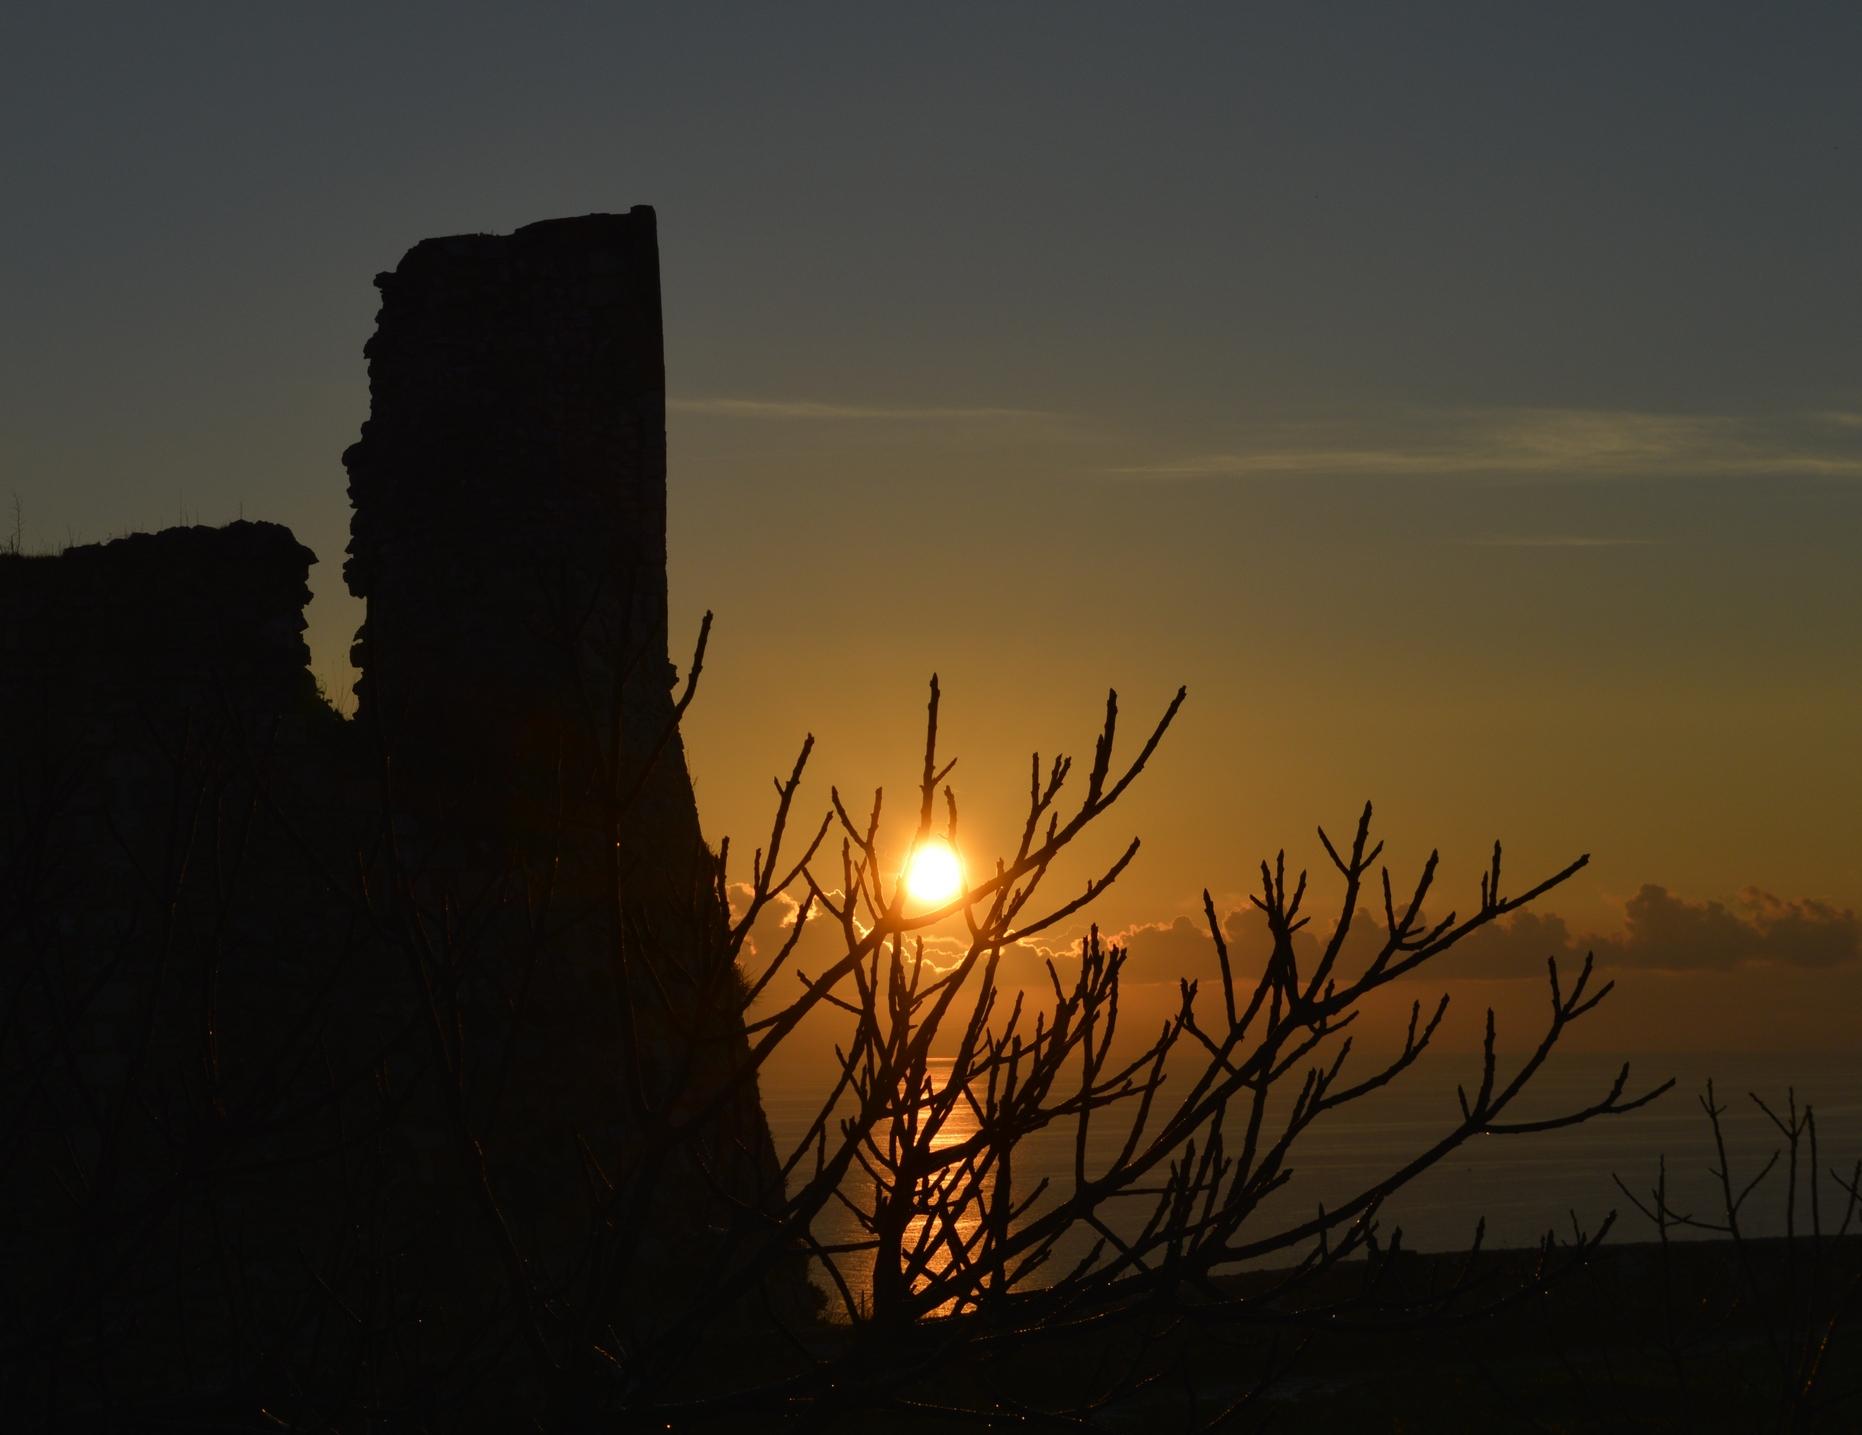 alba di Carmelo Baglivo